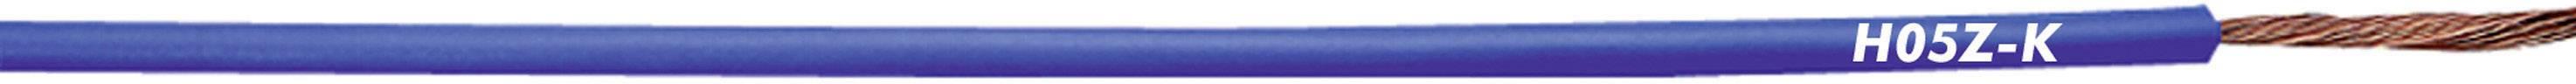 Opletenie / lanko LappKabel 4725092 H05Z-K, 1 x 0.75 mm², vonkajší Ø 2.30 mm, metrový tovar, oranžová